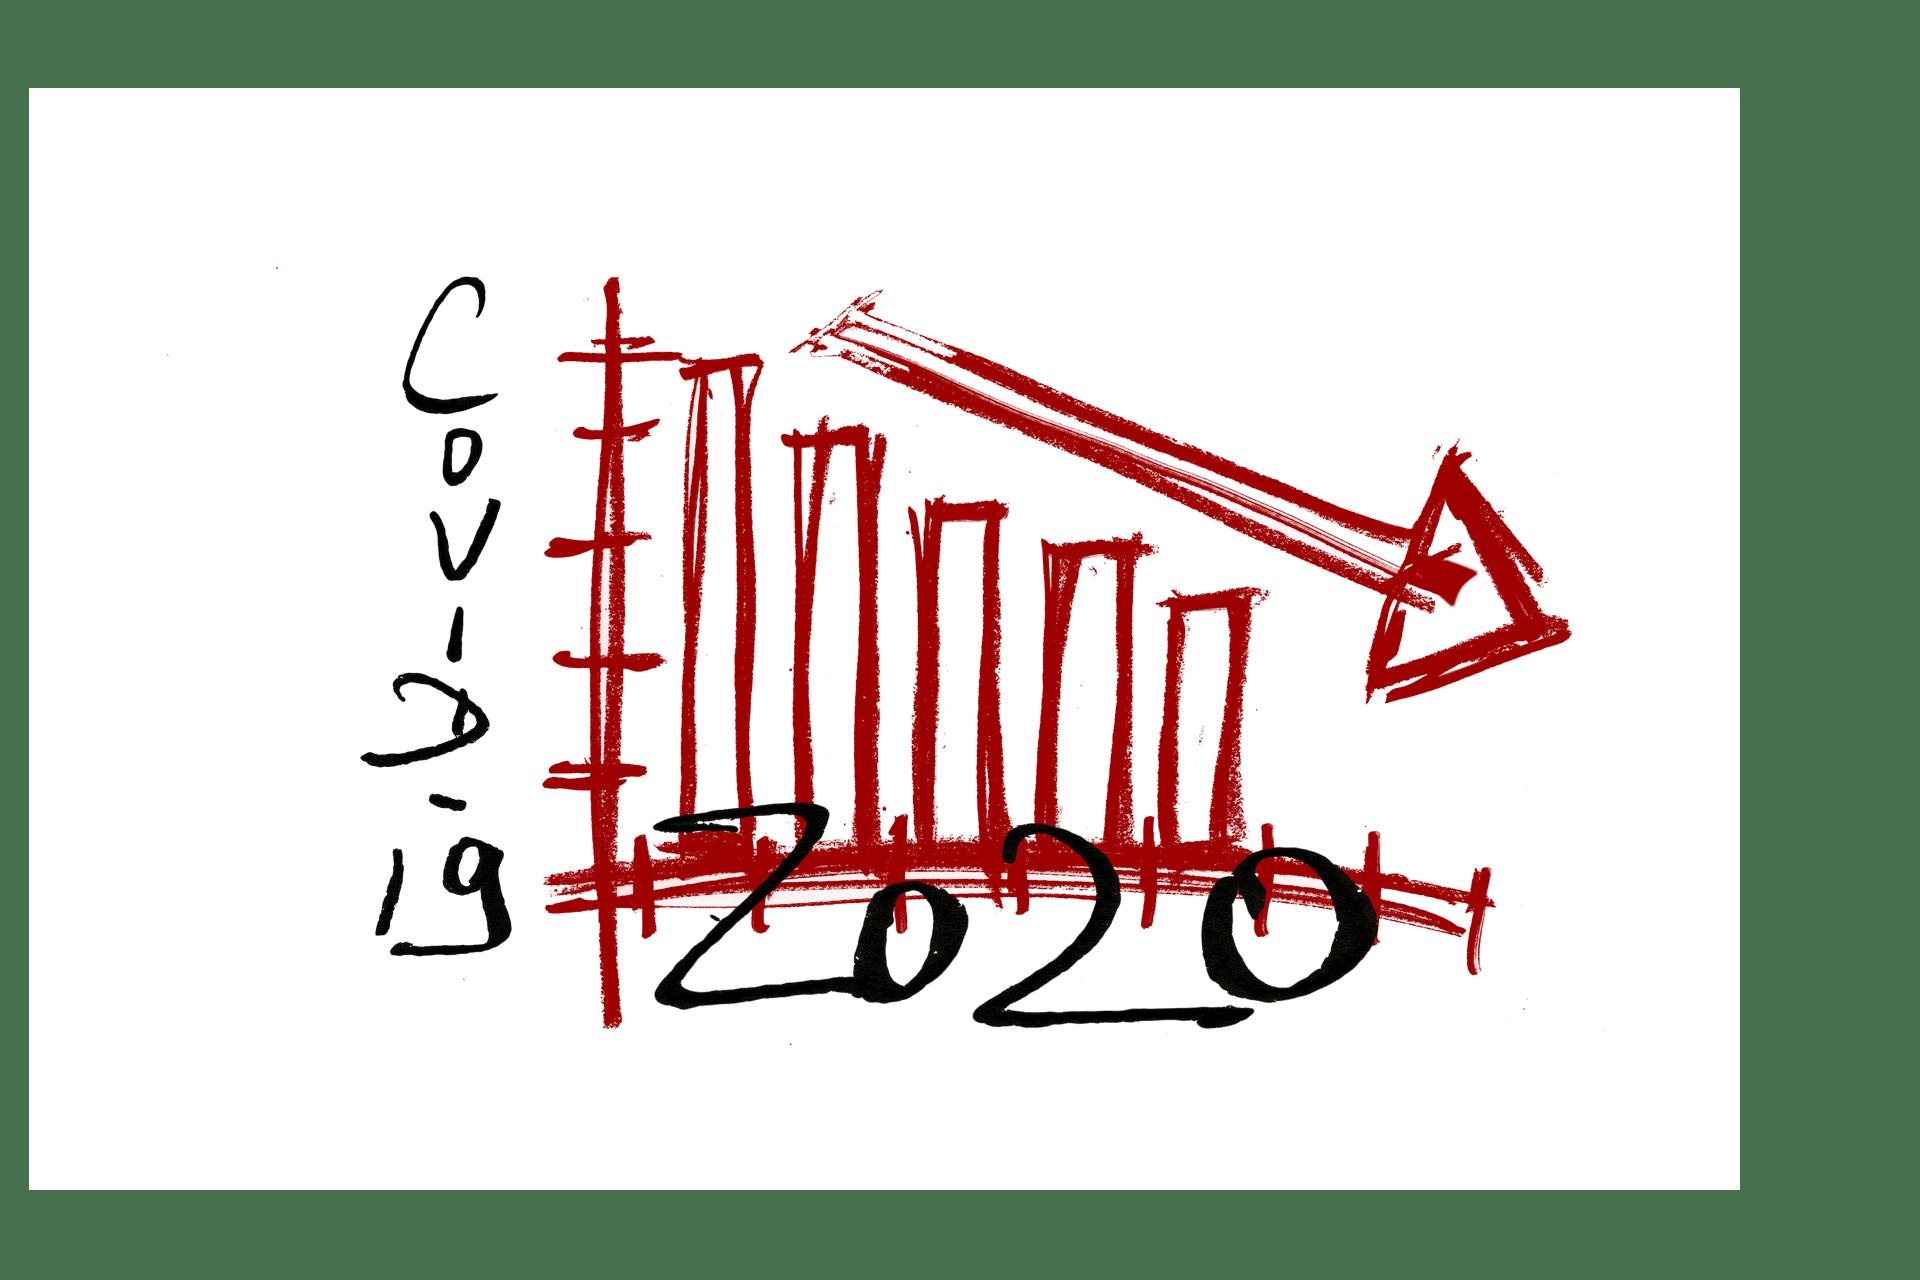 Crise économique liée à l'épidémie de Covid-19